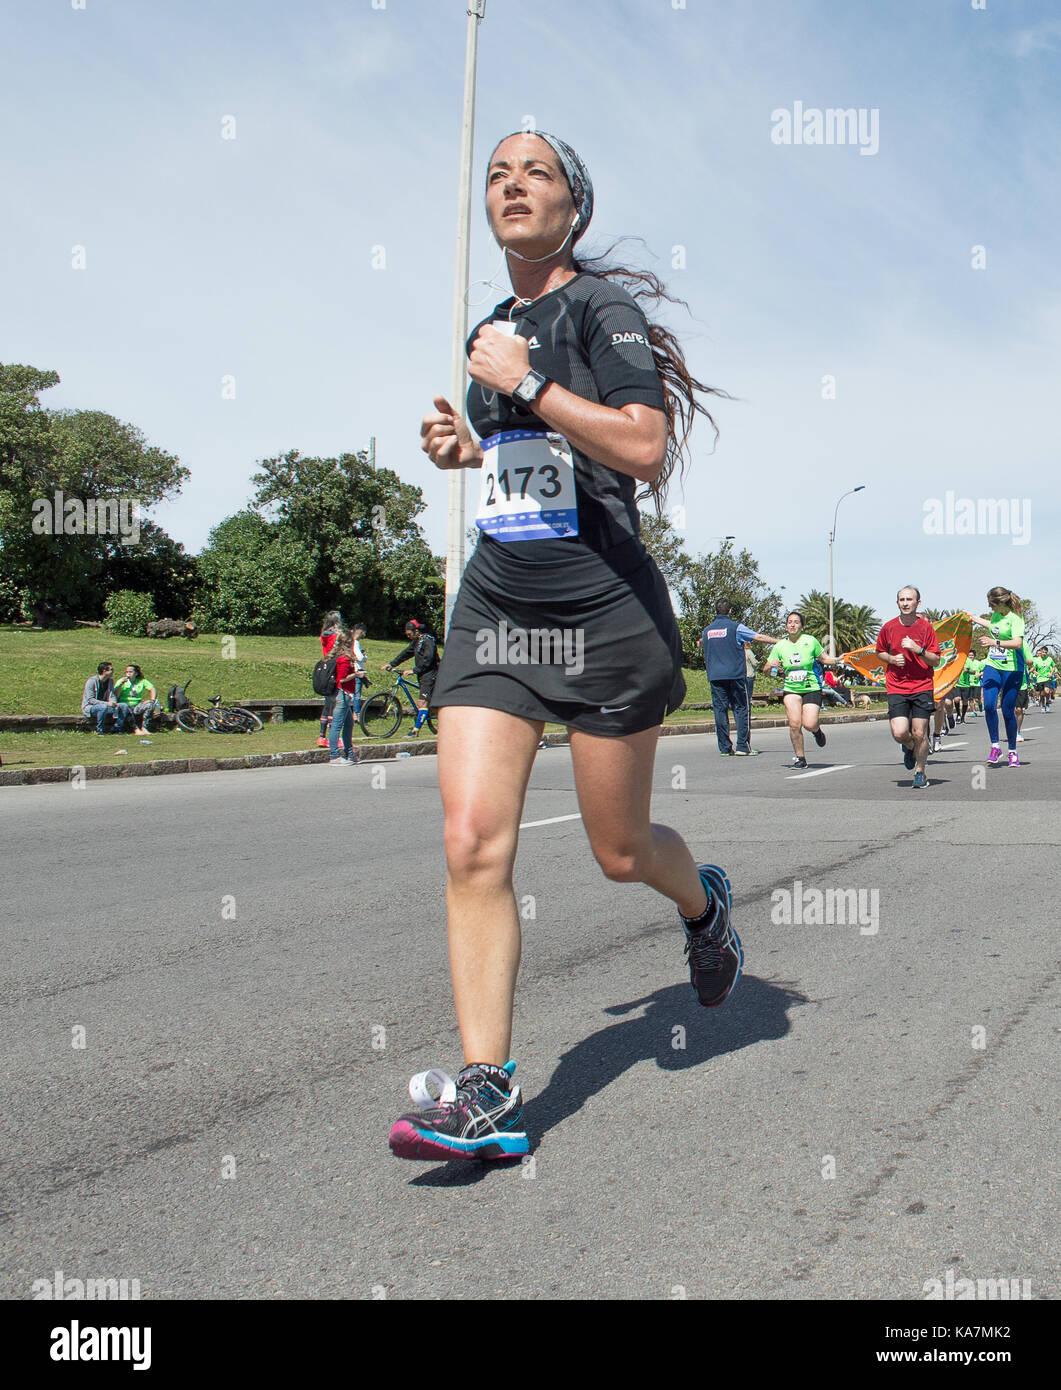 Montevideo, Uruguay - 24 septembre 2017: runner dans la course mondiale de l'énergie. Photo Stock